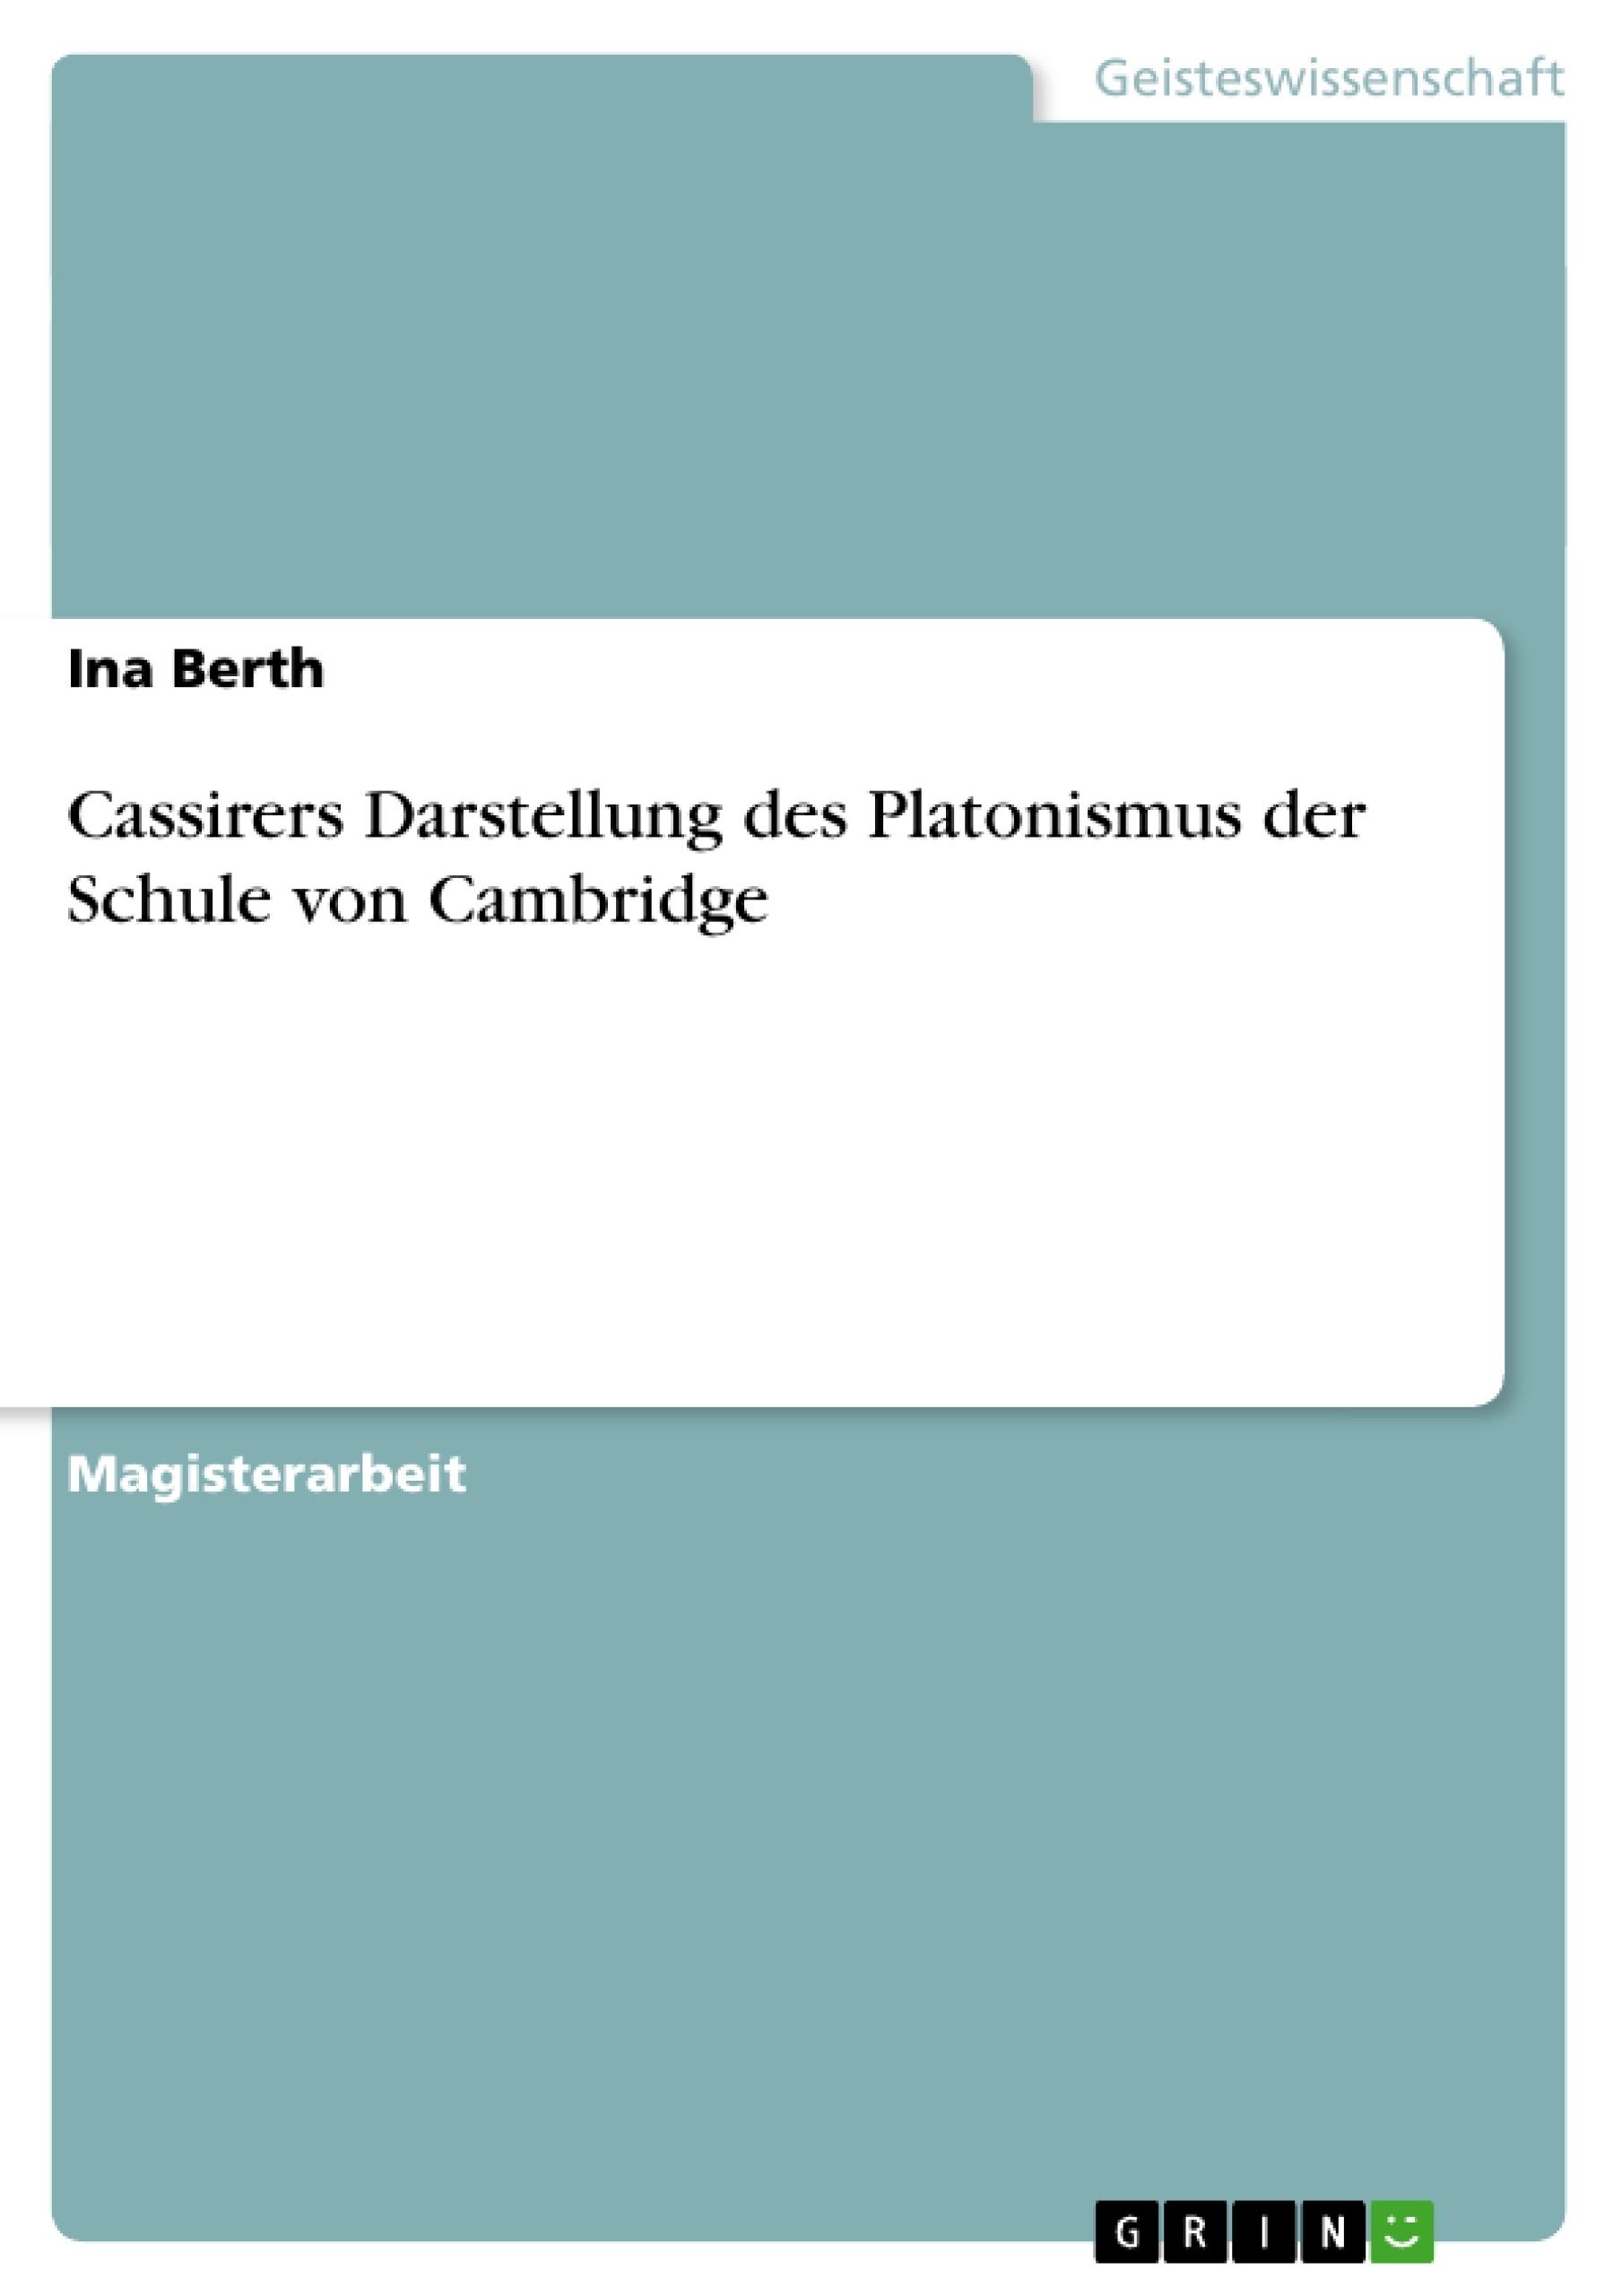 Titel: Cassirers Darstellung des Platonismus der Schule von Cambridge